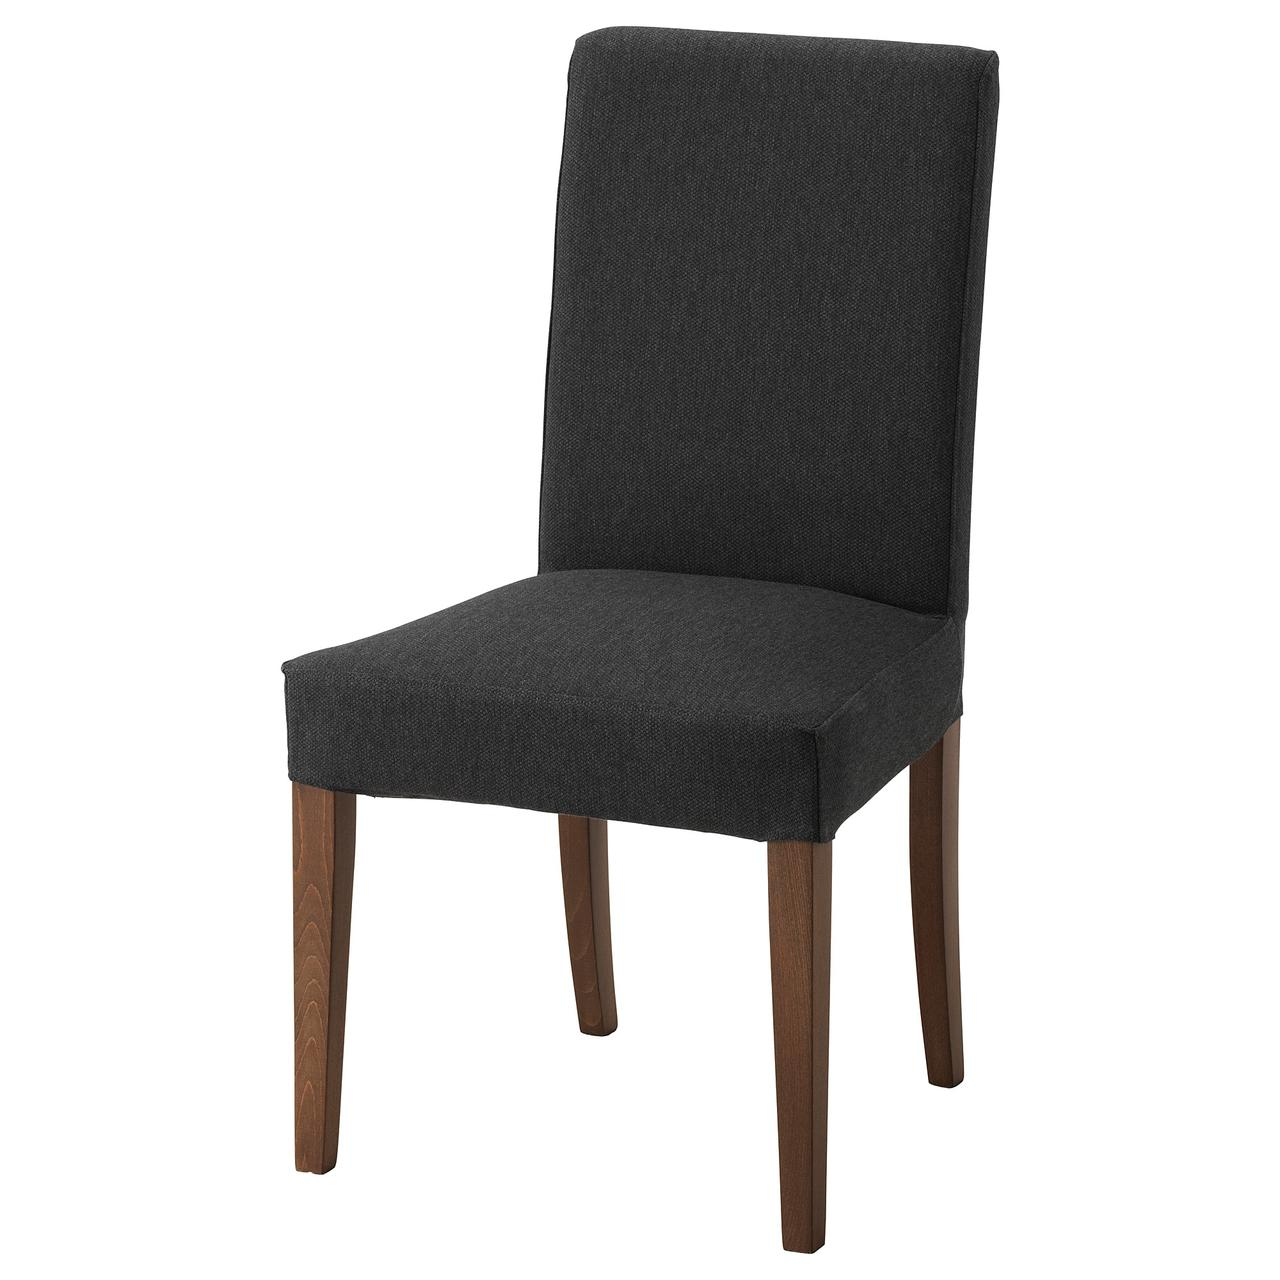 Кресло кухонное IKEA HENRIKSDAL Dansbo коричневое темно-серое 692.203.54